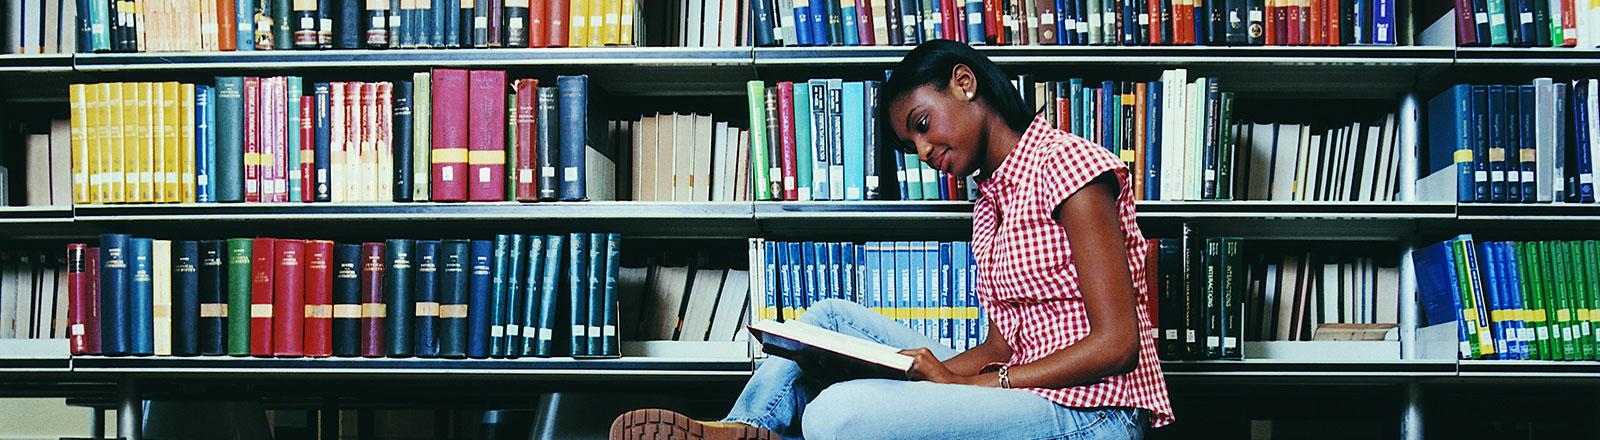 Interdisciplinary Studies at UNC